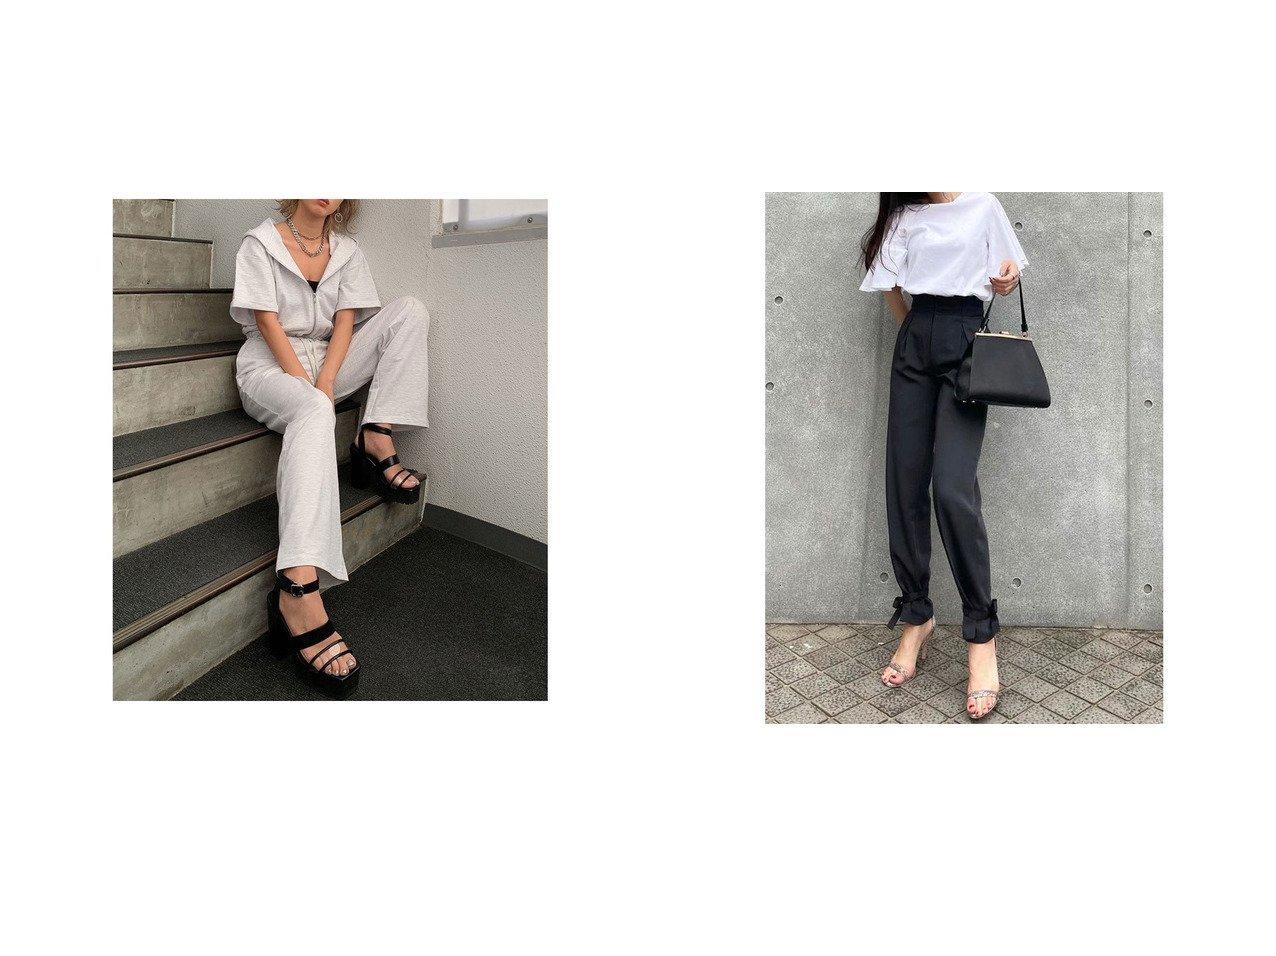 【anuans/アニュアンス】のウエストタックストリングパンツ&【EGOIST/エゴイスト】のスウェット半袖オールインワン おすすめ!人気トレンド・レディースファッション通販 おすすめで人気の流行・トレンド、ファッションの通販商品 インテリア・家具・メンズファッション・キッズファッション・レディースファッション・服の通販 founy(ファニー) https://founy.com/ ファッション Fashion レディースファッション WOMEN トップス・カットソー Tops/Tshirt パーカ Sweats スウェット Sweat ワンピース Dress オールインワン ワンピース All In One Dress パンツ Pants 春 Spring 軽量 スウェット スニーカー ボトム 半袖 楽ちん ワイド 2021年 2021 S/S・春夏 SS・Spring/Summer 2021春夏・S/S SS/Spring/Summer/2021 おすすめ Recommend 夏 Summer リボン  ID:crp329100000053071